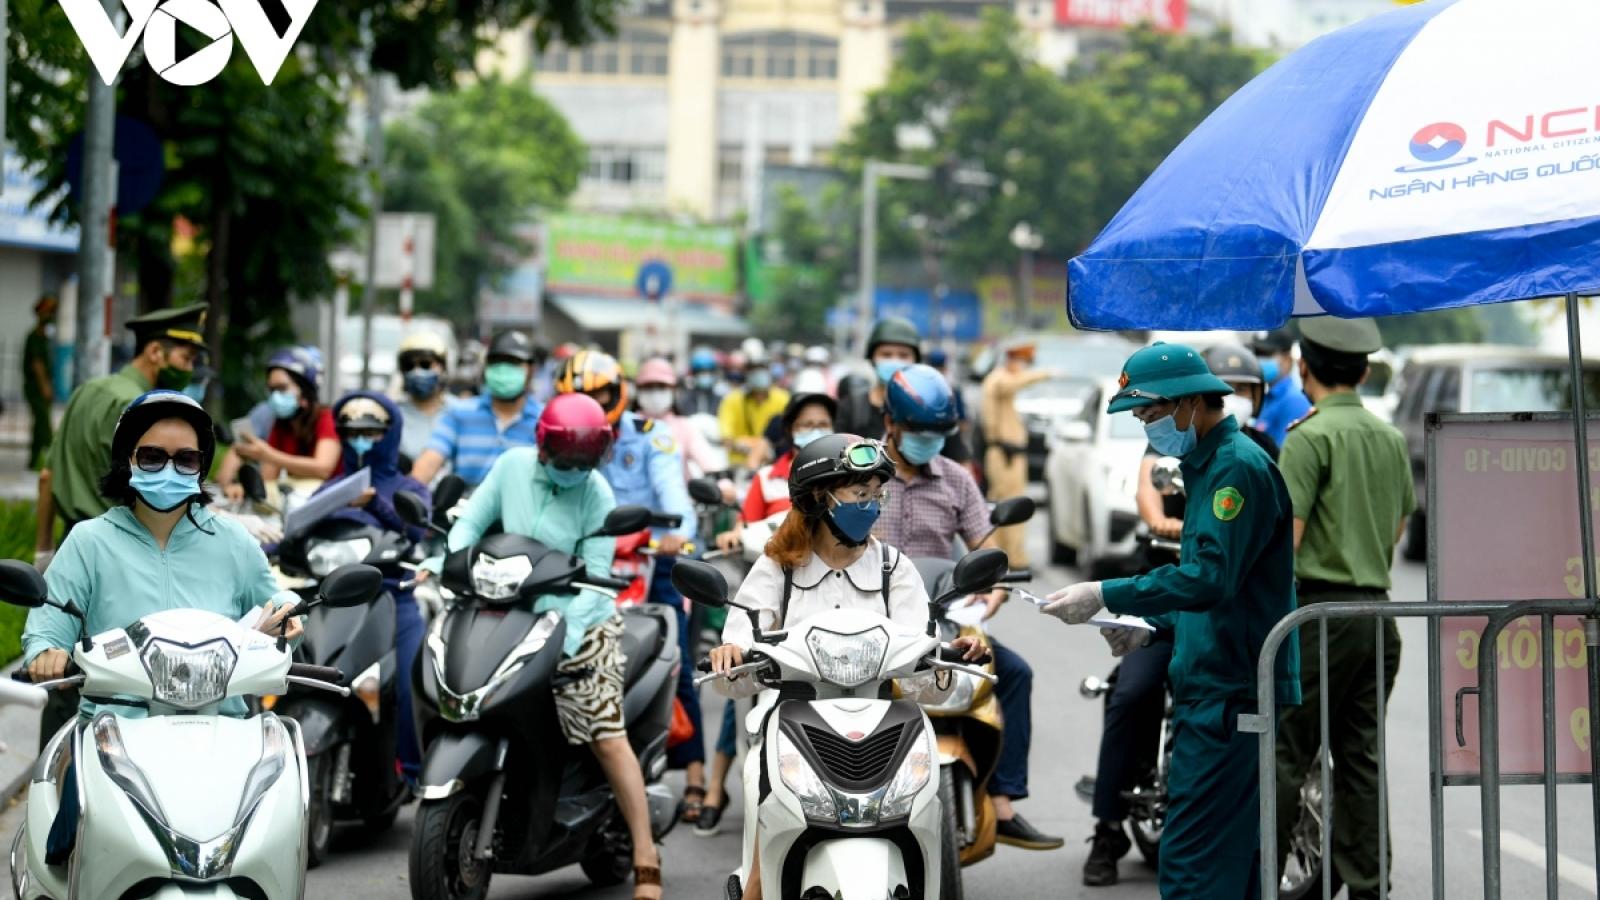 Thủ tướng yêu cầu Hà Nội điều chỉnh bất cập trong cấp giấy đi đường